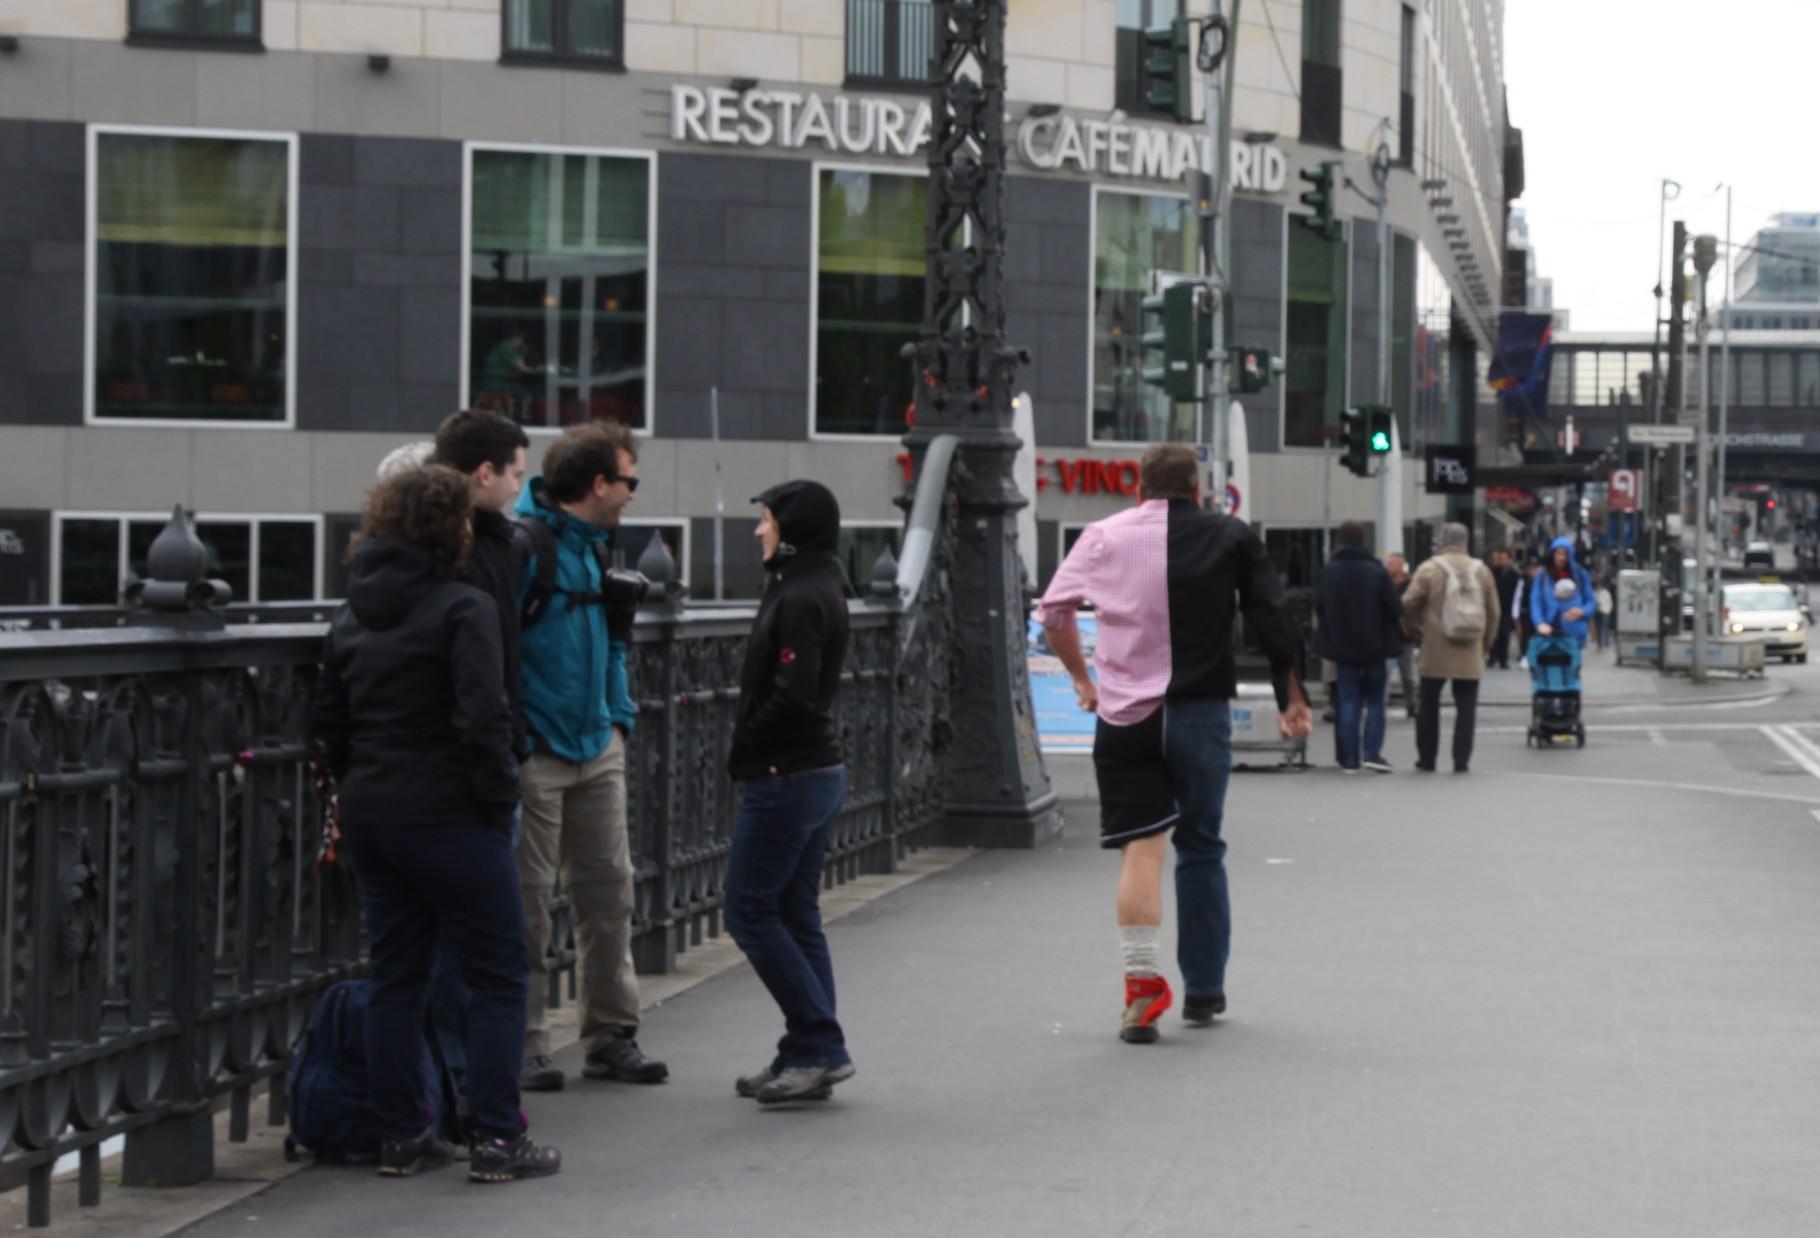 Auch wieder eine tolle Reaktion von den Passanten ...     (c) Silvia Ricker